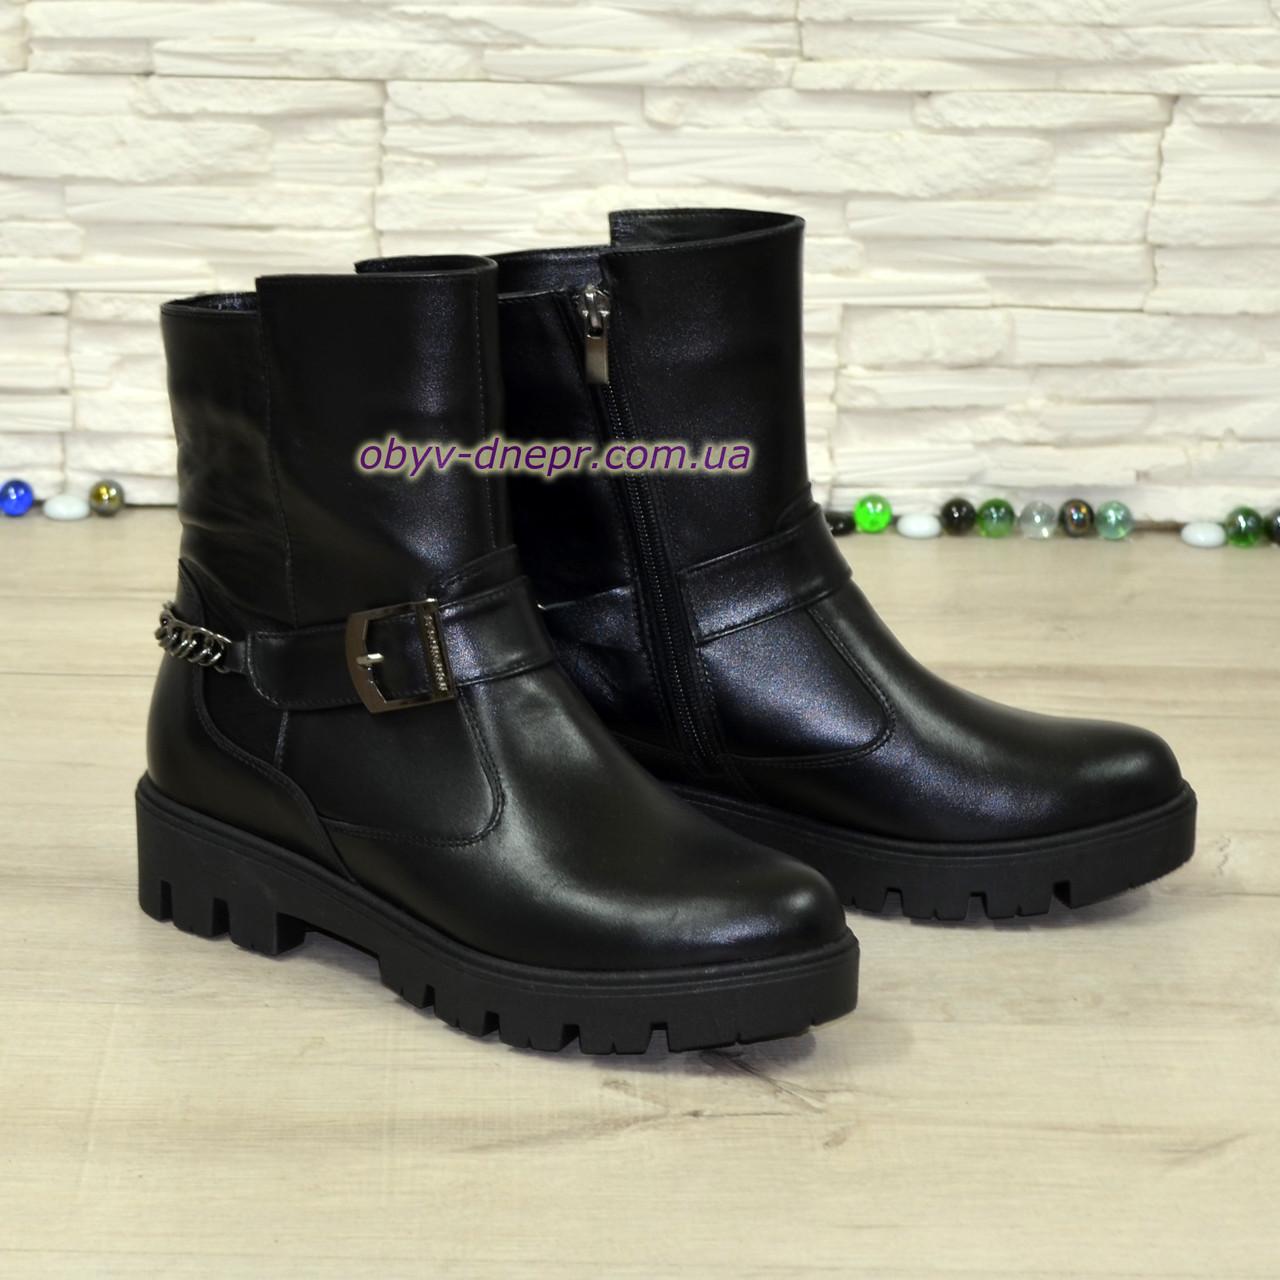 6fe7b7aa4 Кожаные женские зимние ботинки на тракторной подошве, декорированы цепью и  ремешком.